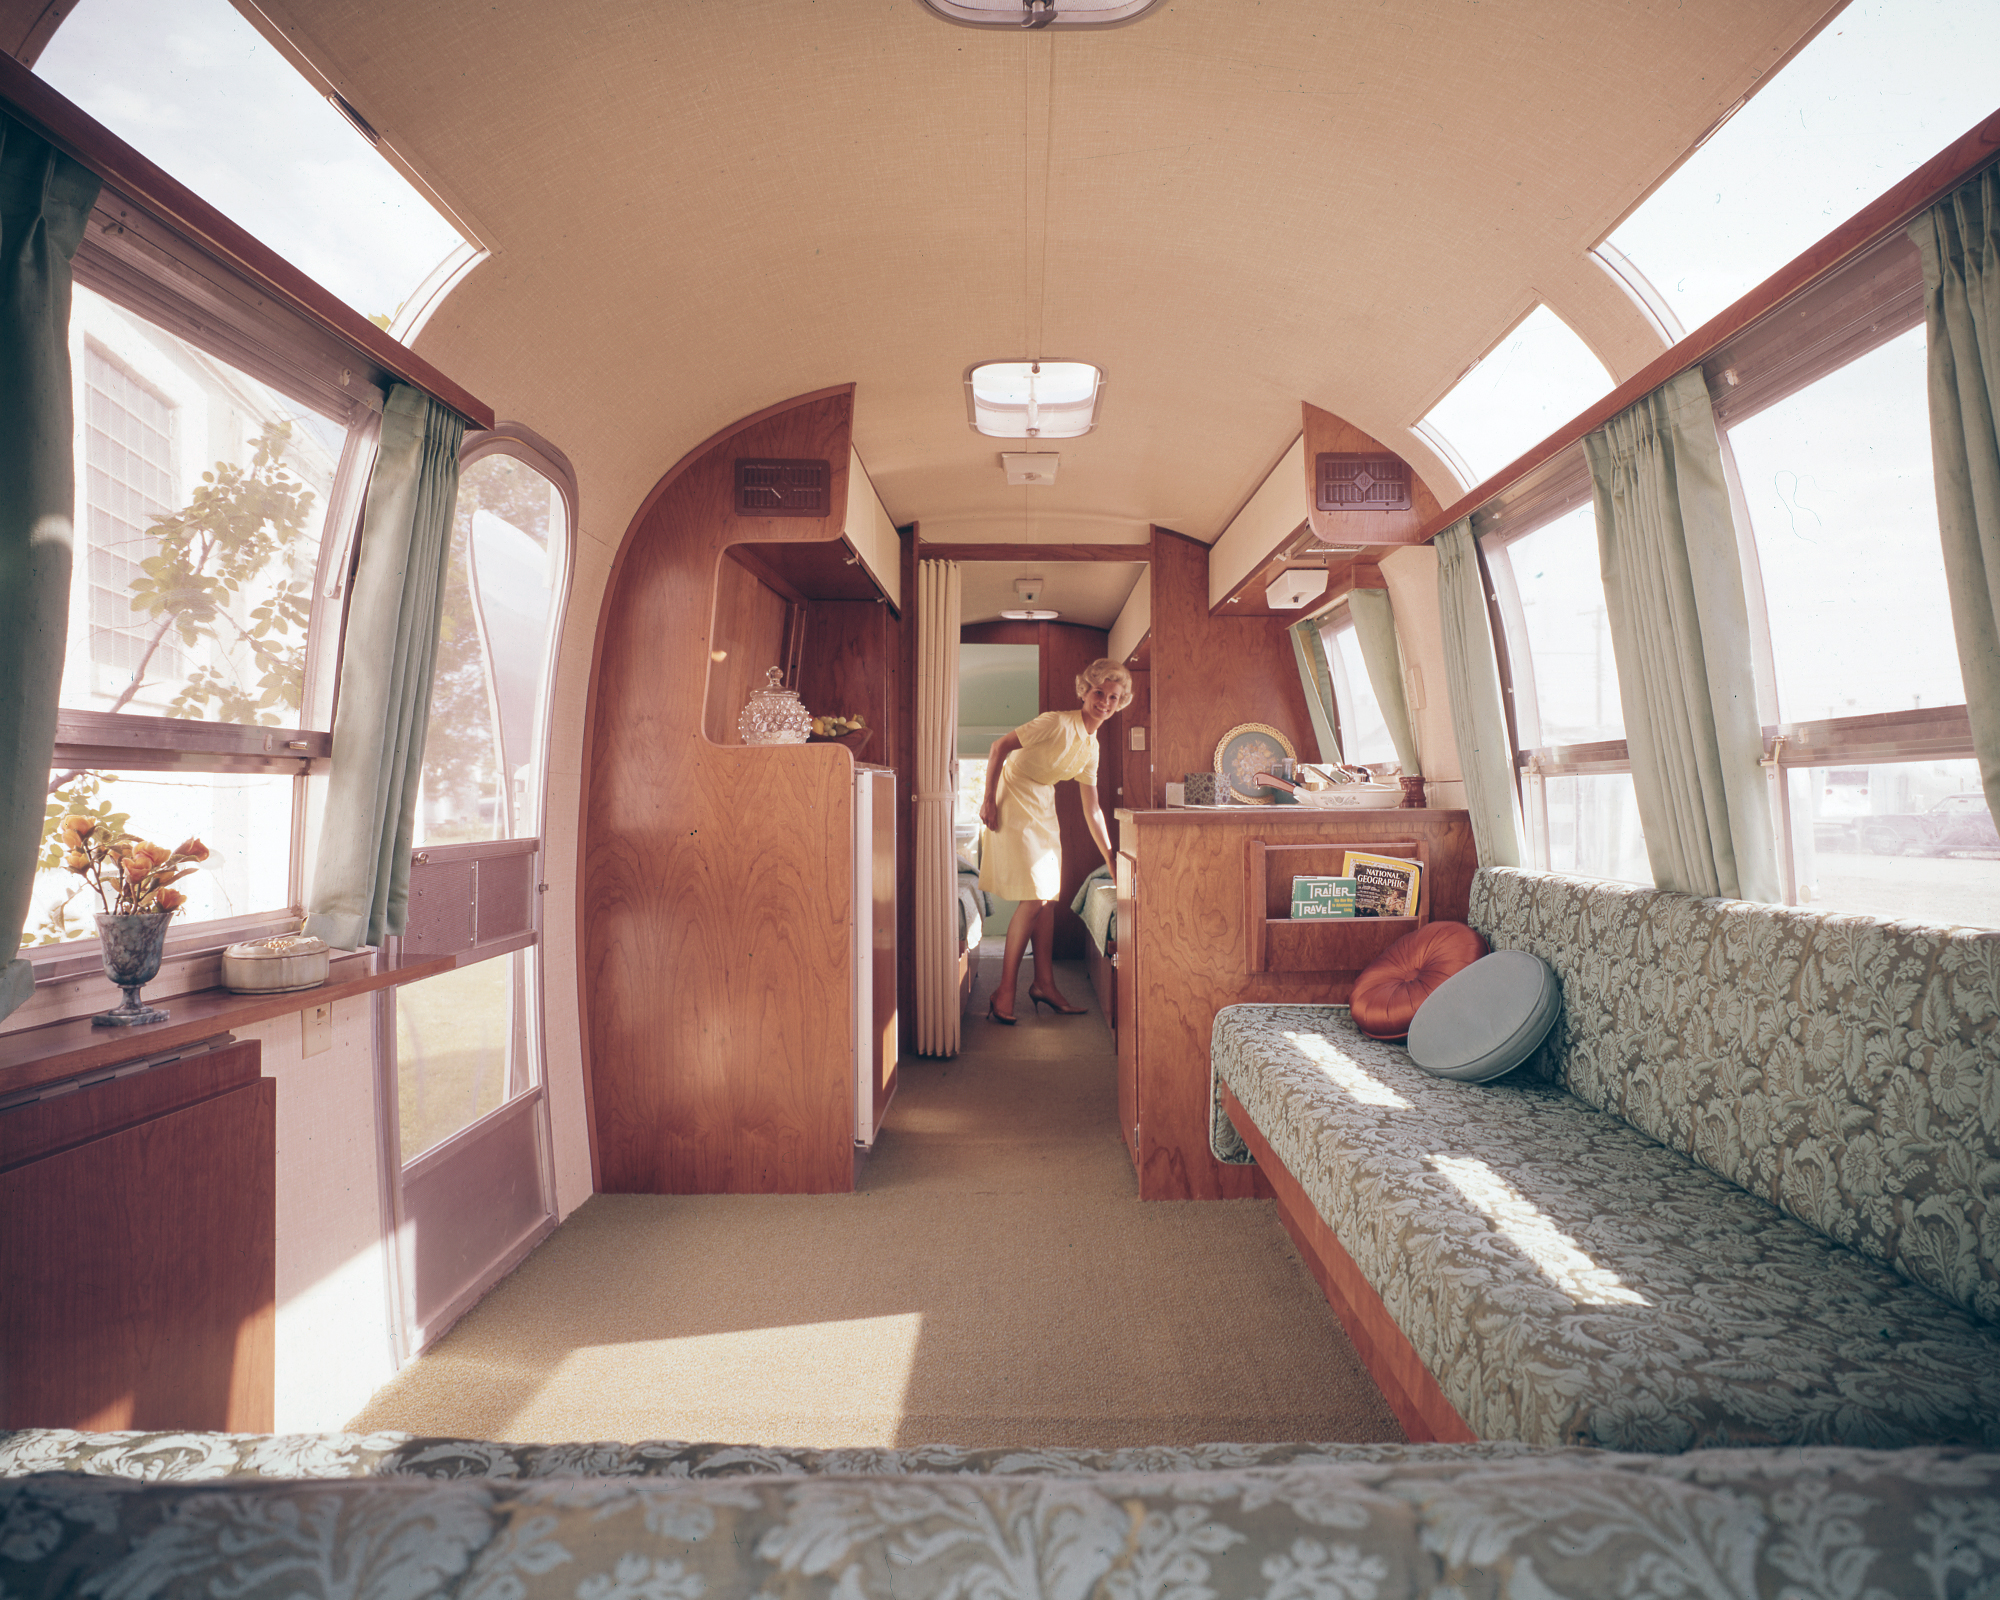 Airstream-Travel-Trailer-Historical-Interior